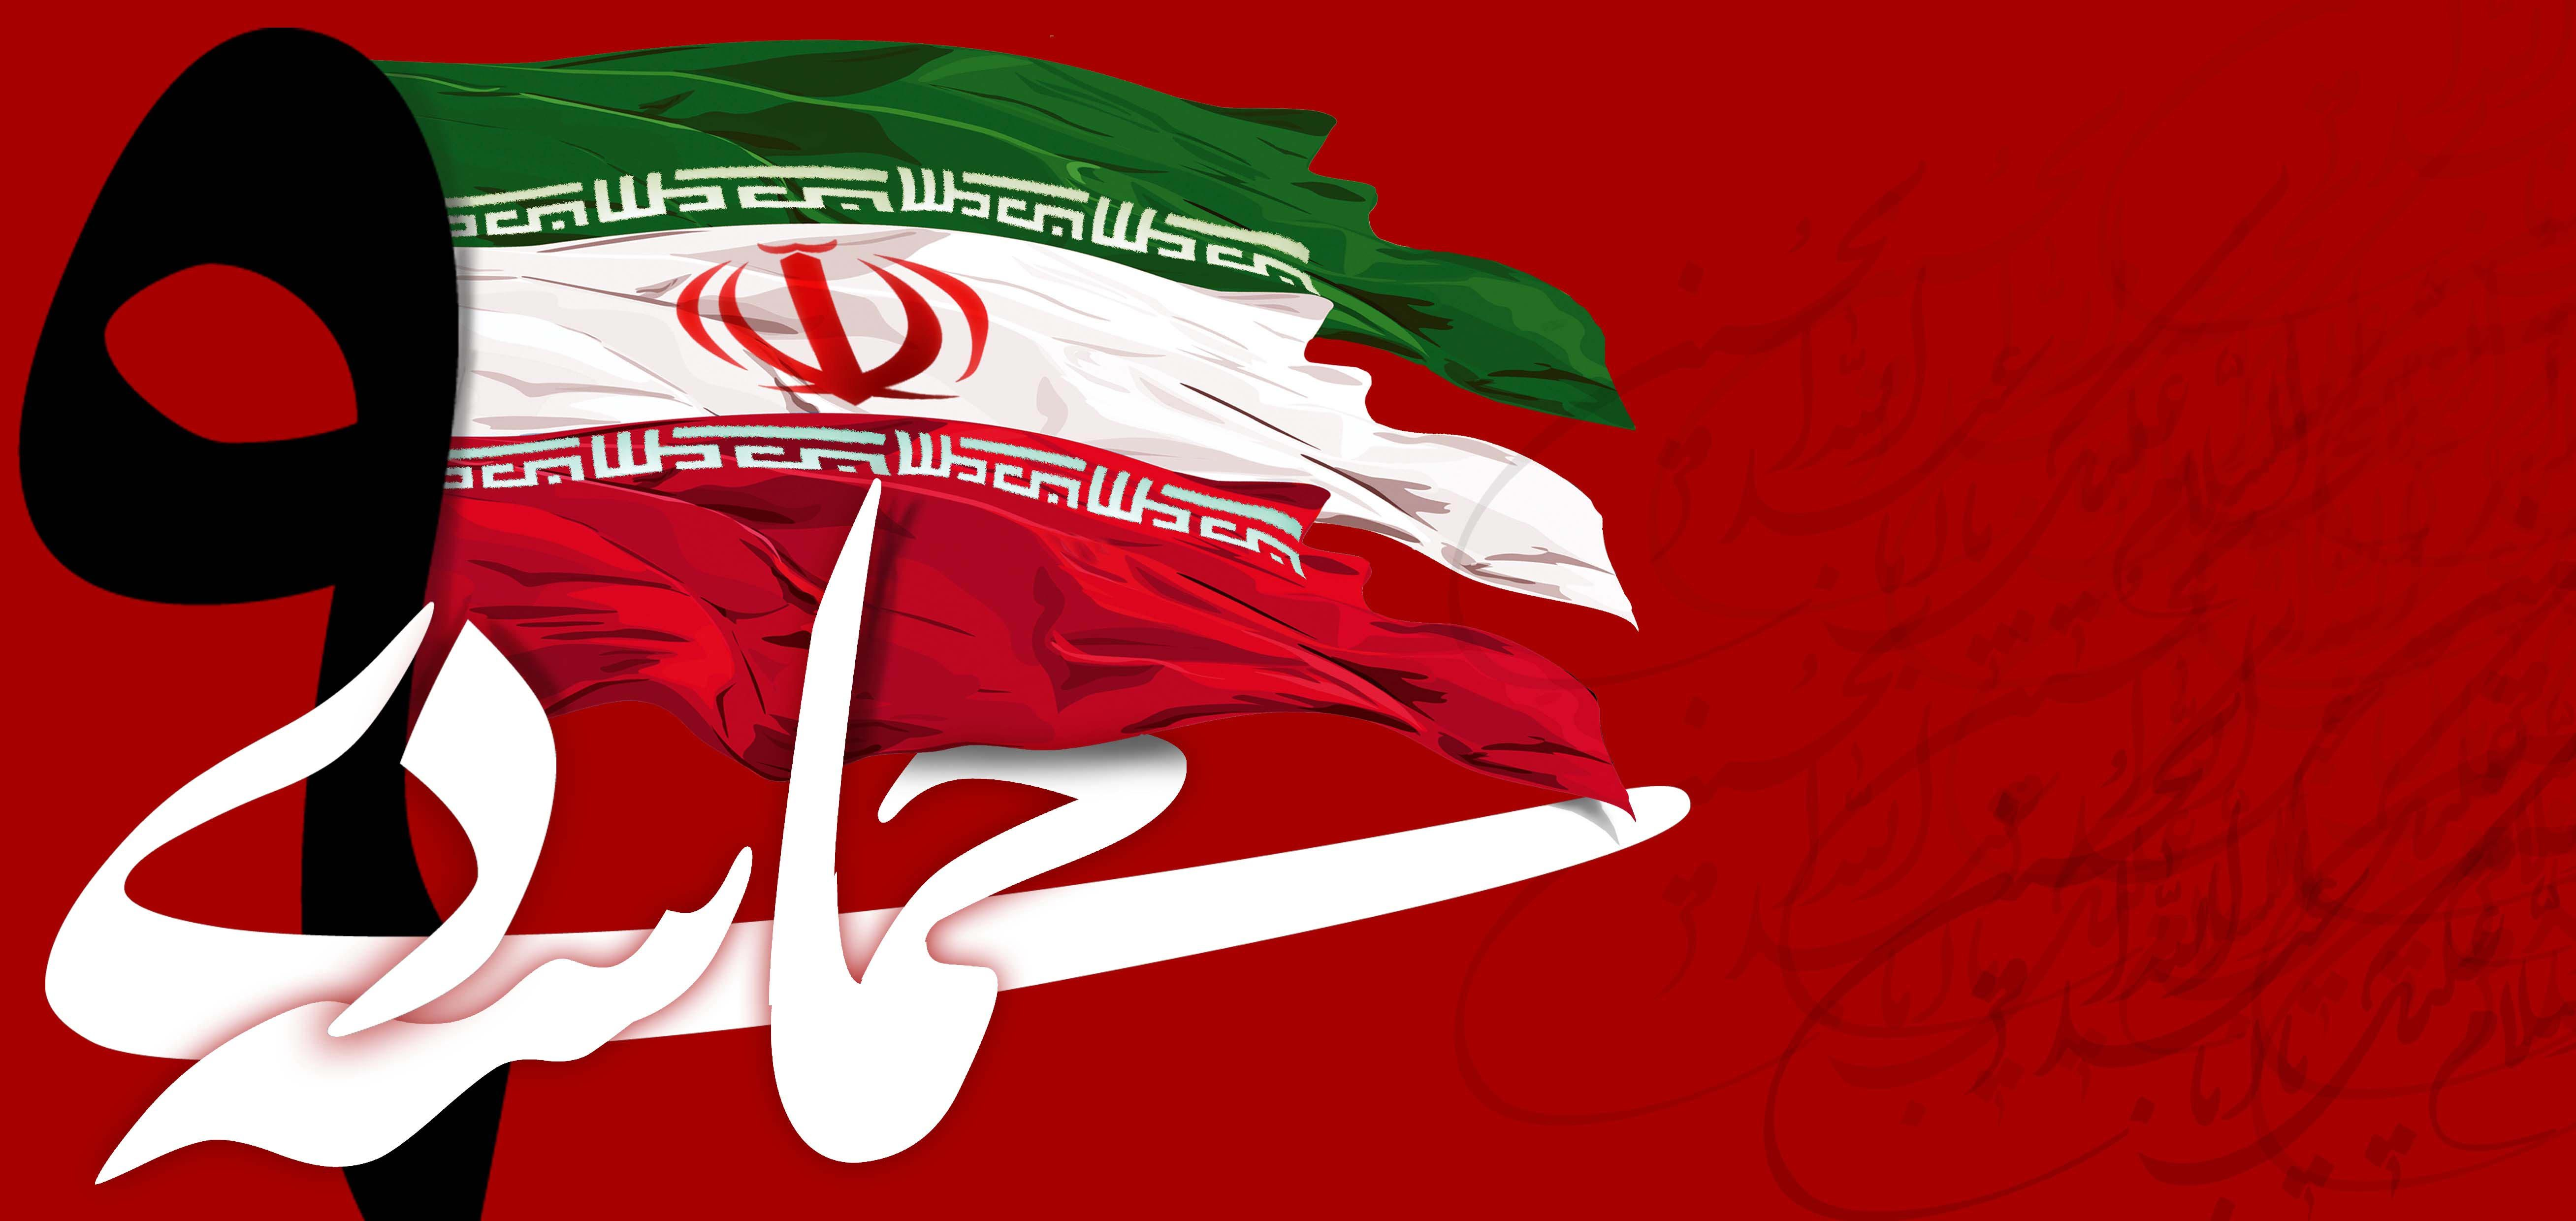 اعلام برنامه های راهپیمایی نهم دی در مشهد الرضا علیه السّلام